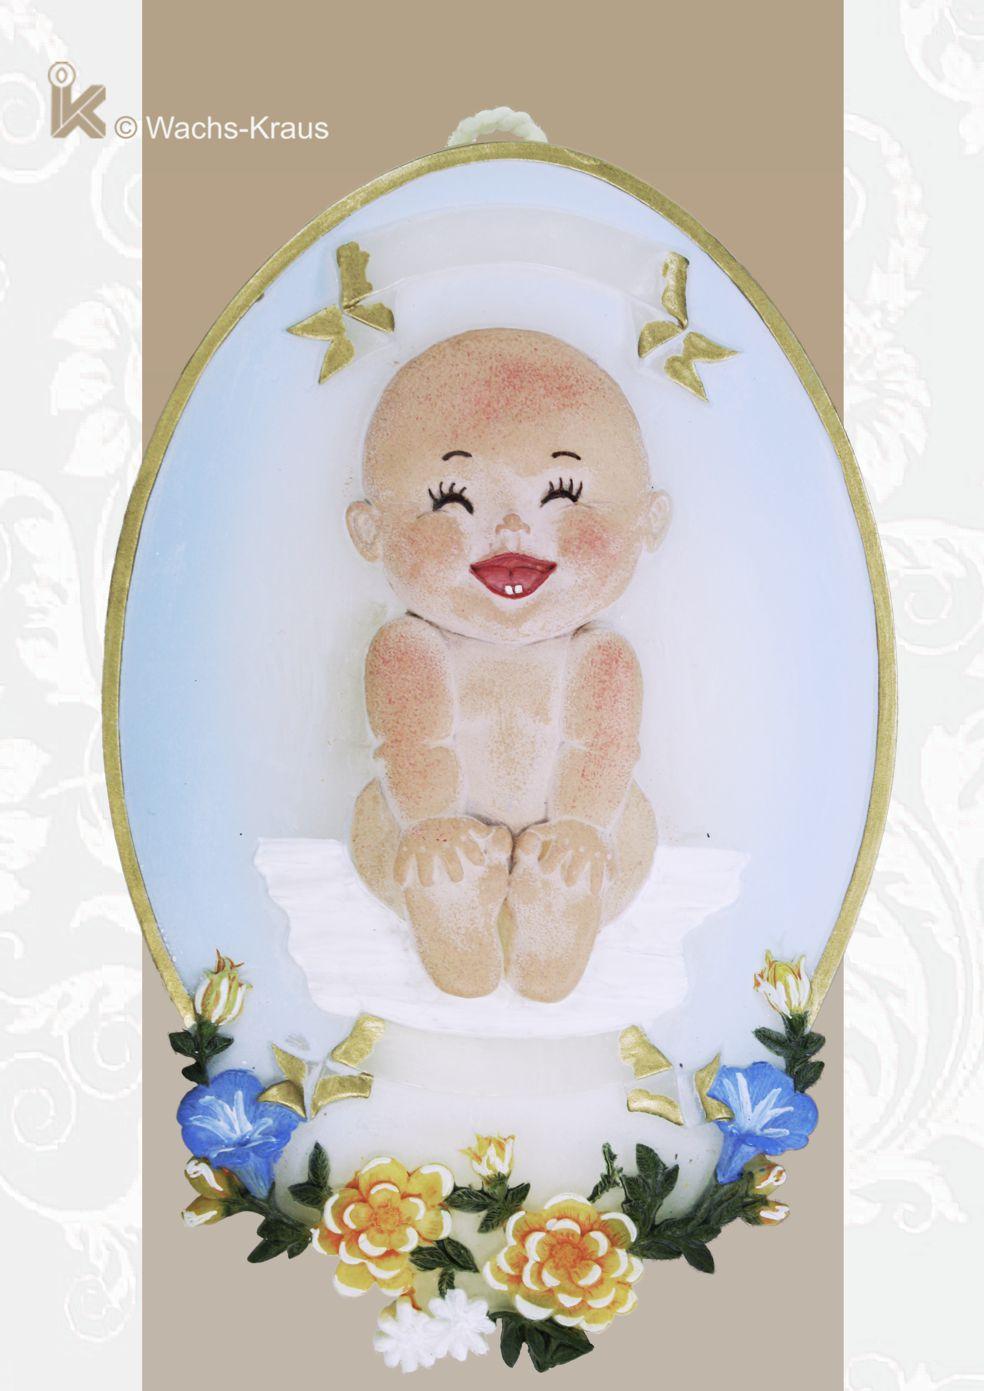 Ein wunderschönes Geschenk: Wachsbild Baby blau